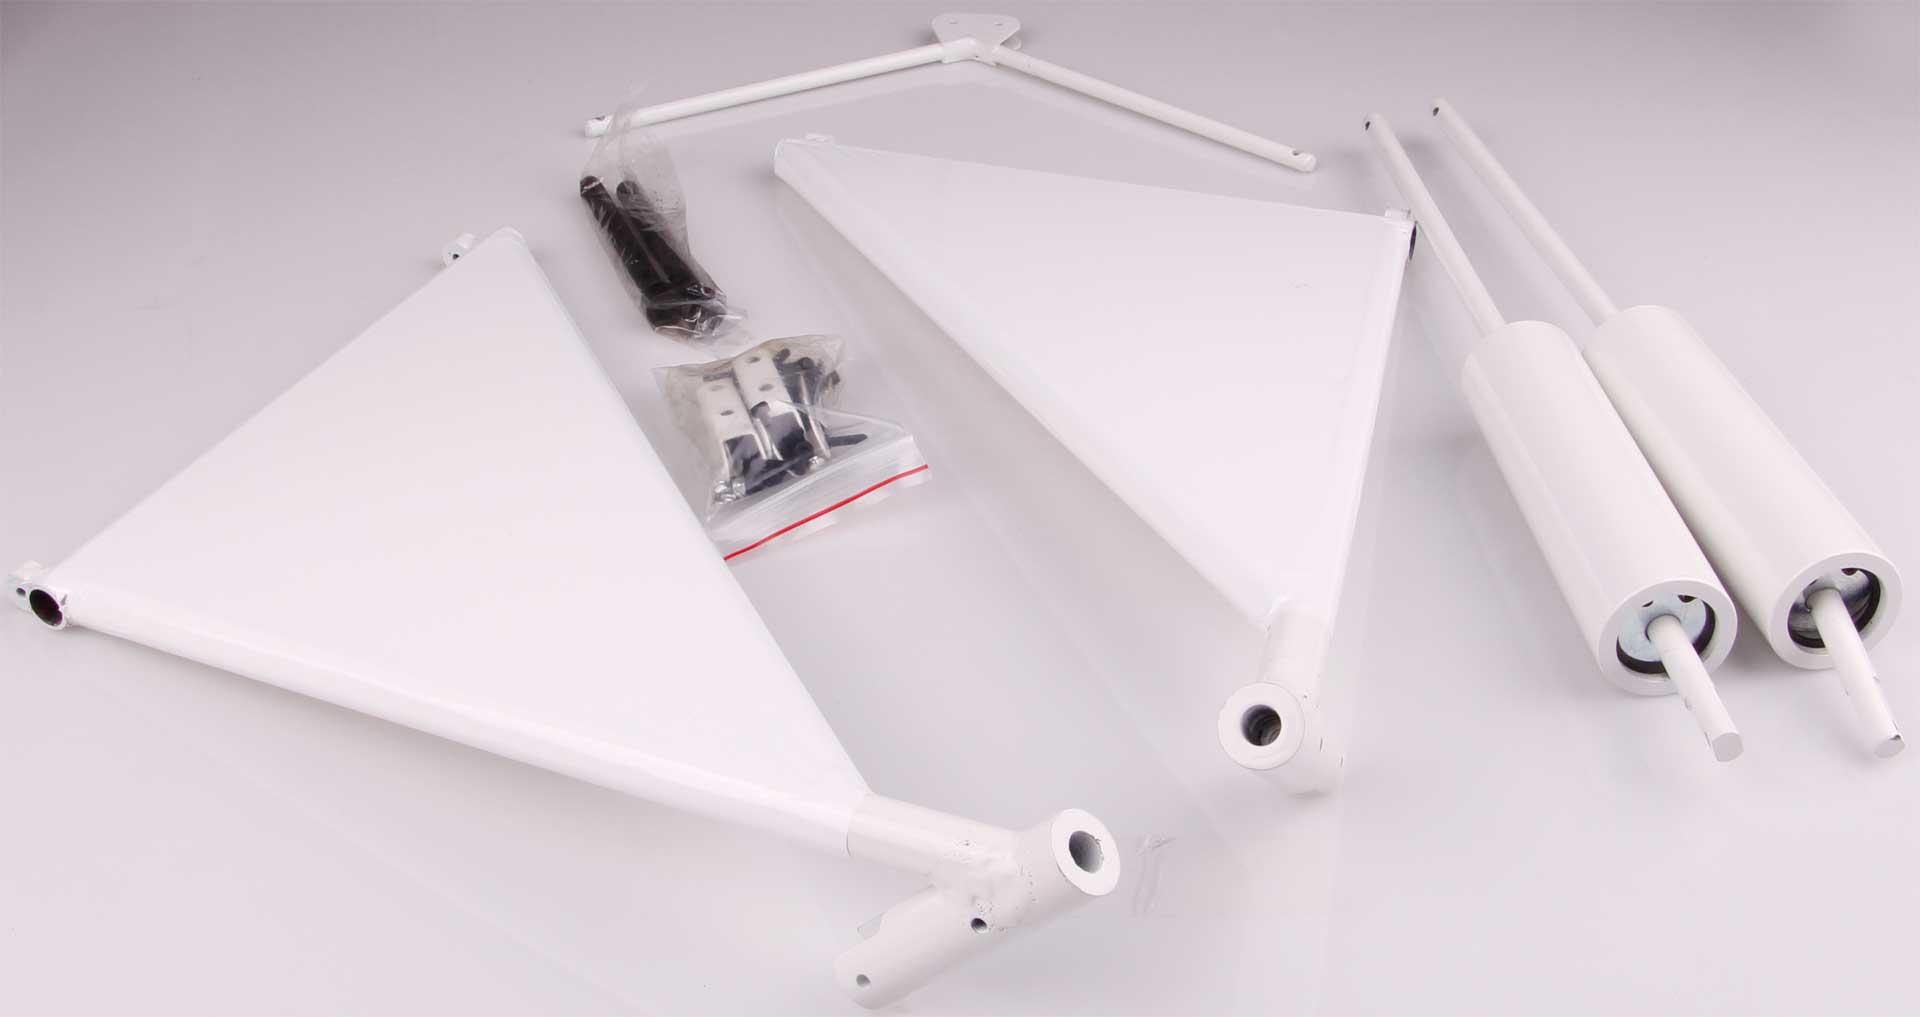 HANGAR 9 Landing Gear (Complete):Carbon Cub FX-3 100-200cc